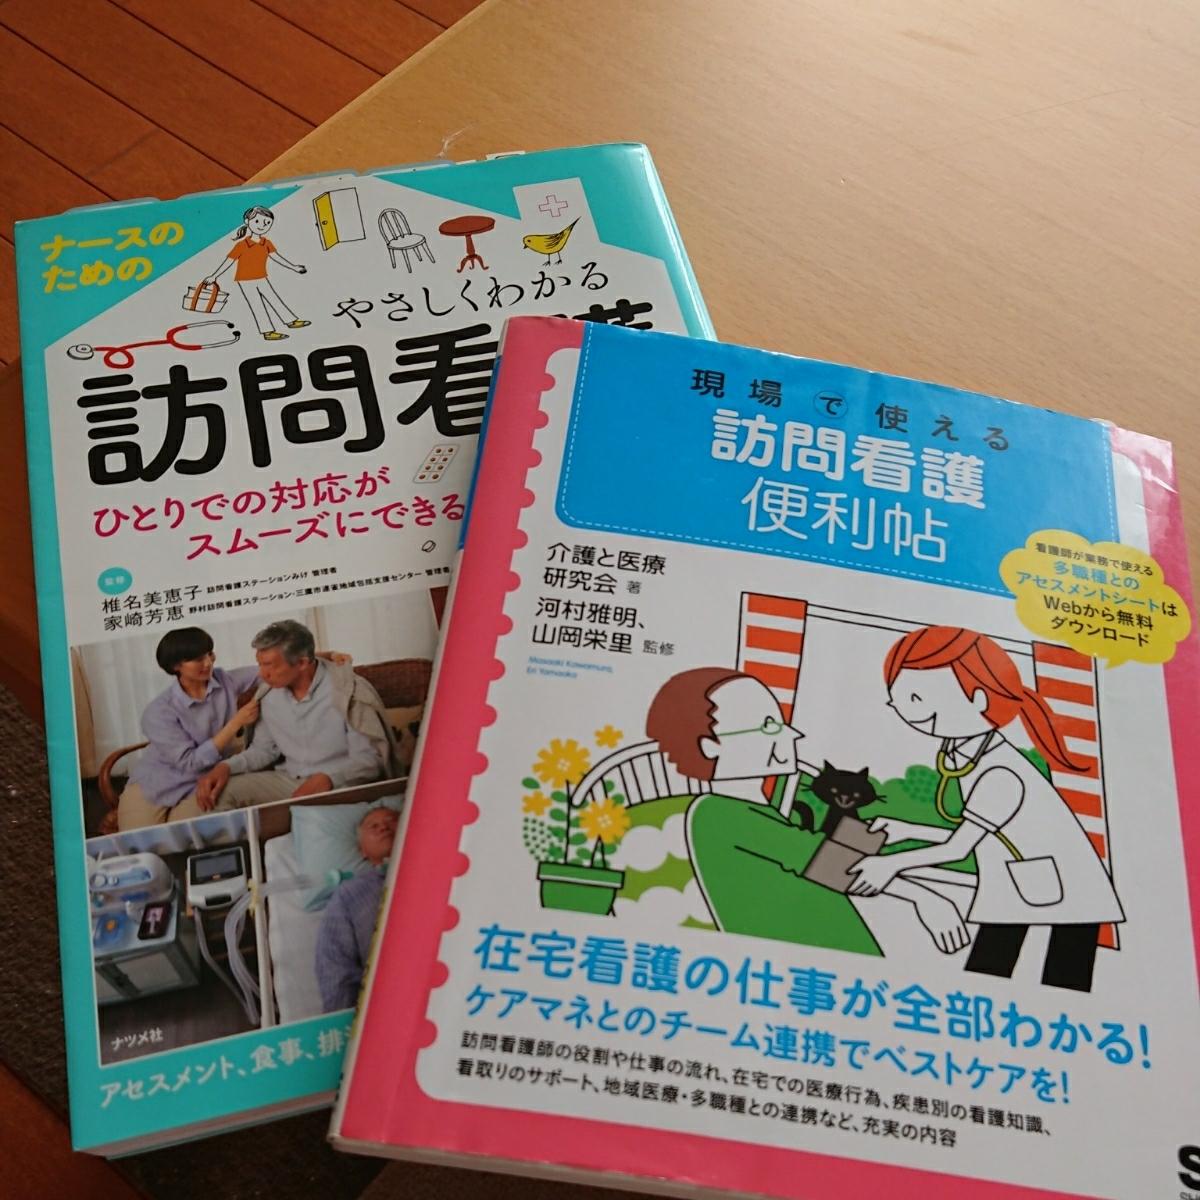 看護師のみなさん訪問看護へ 訪問看護に興味のある方にオススメ 参考書 2冊